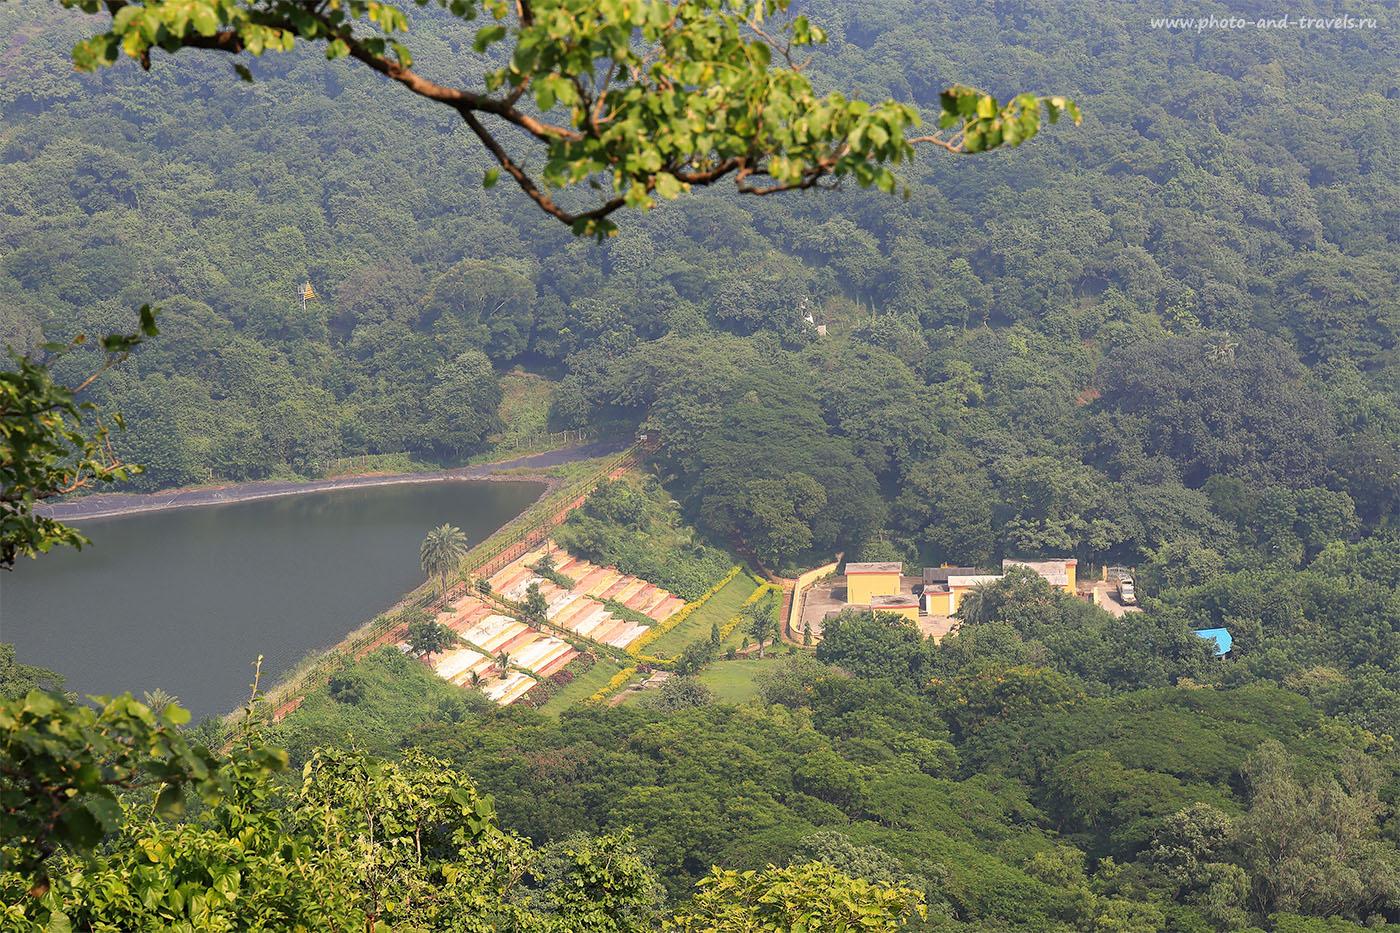 22. Вид на водохранилище. Отчет об экскурсии к пещерам Элефанты в Мумбаи. Поездка на отдых в Индию (24-70, 1/200, 0eV, f9, 70mm, ISO 100)